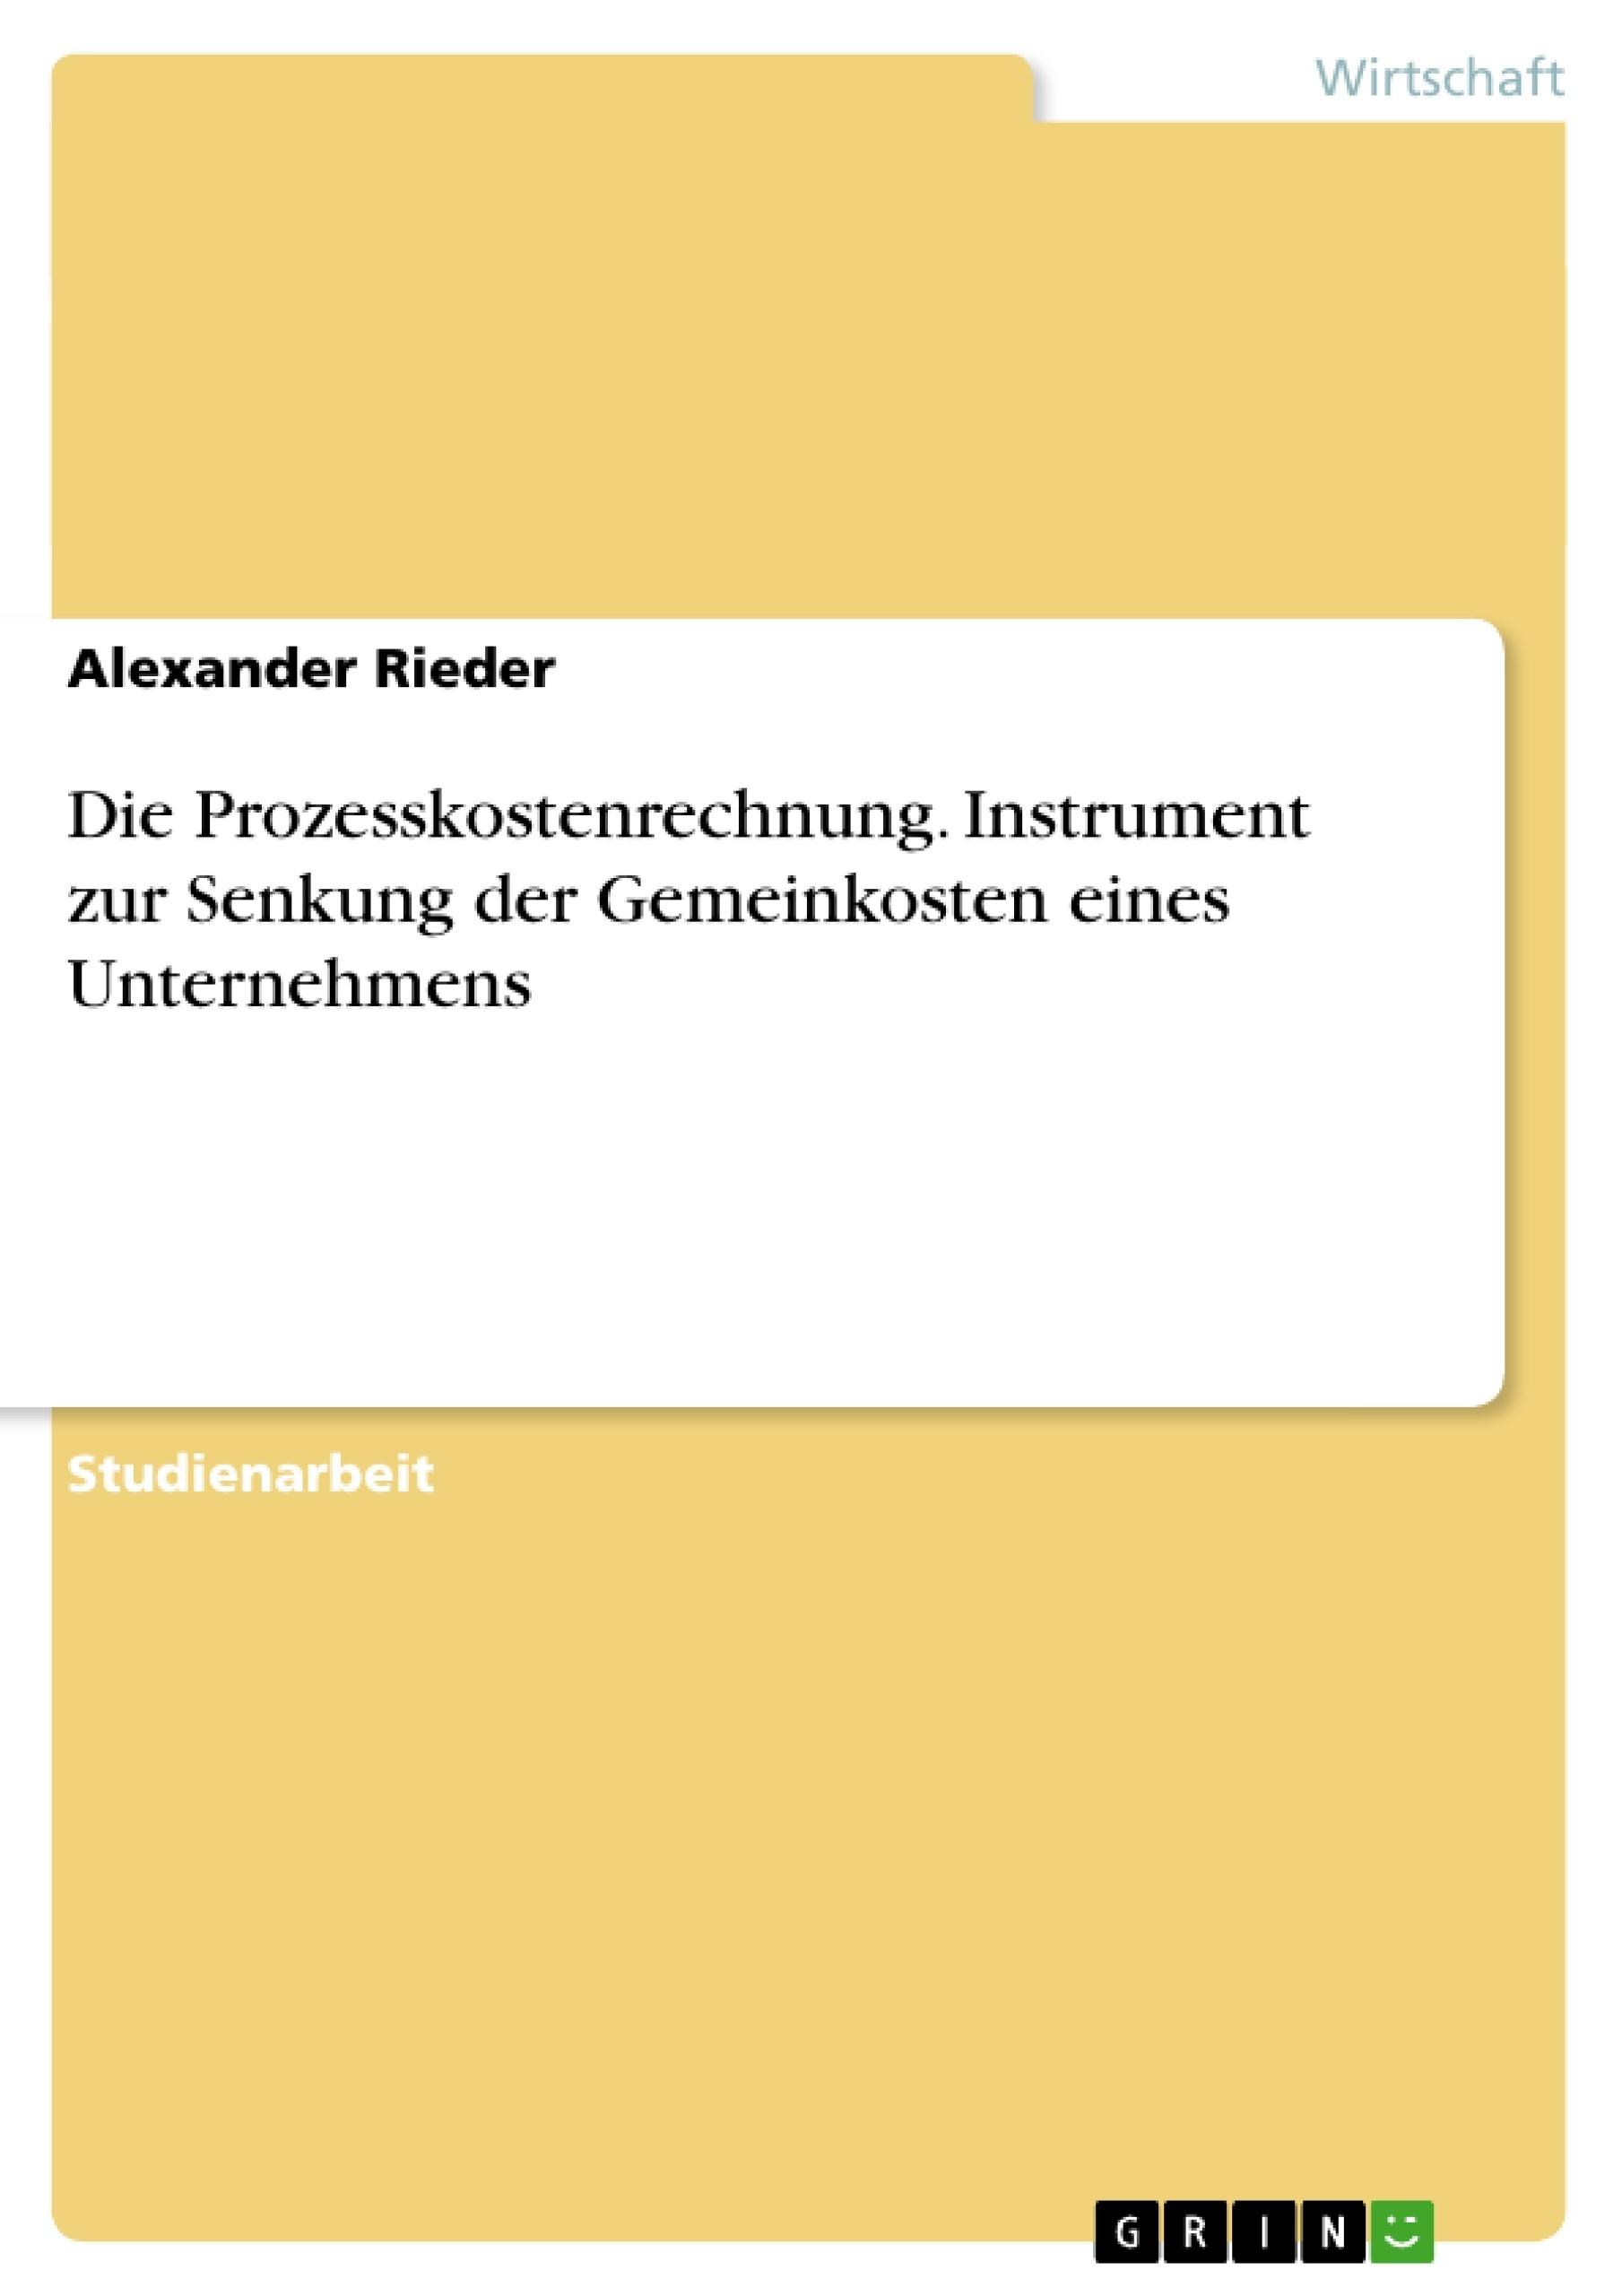 Titel: Die Prozesskostenrechnung. Instrument zur Senkung der Gemeinkosten eines Unternehmens